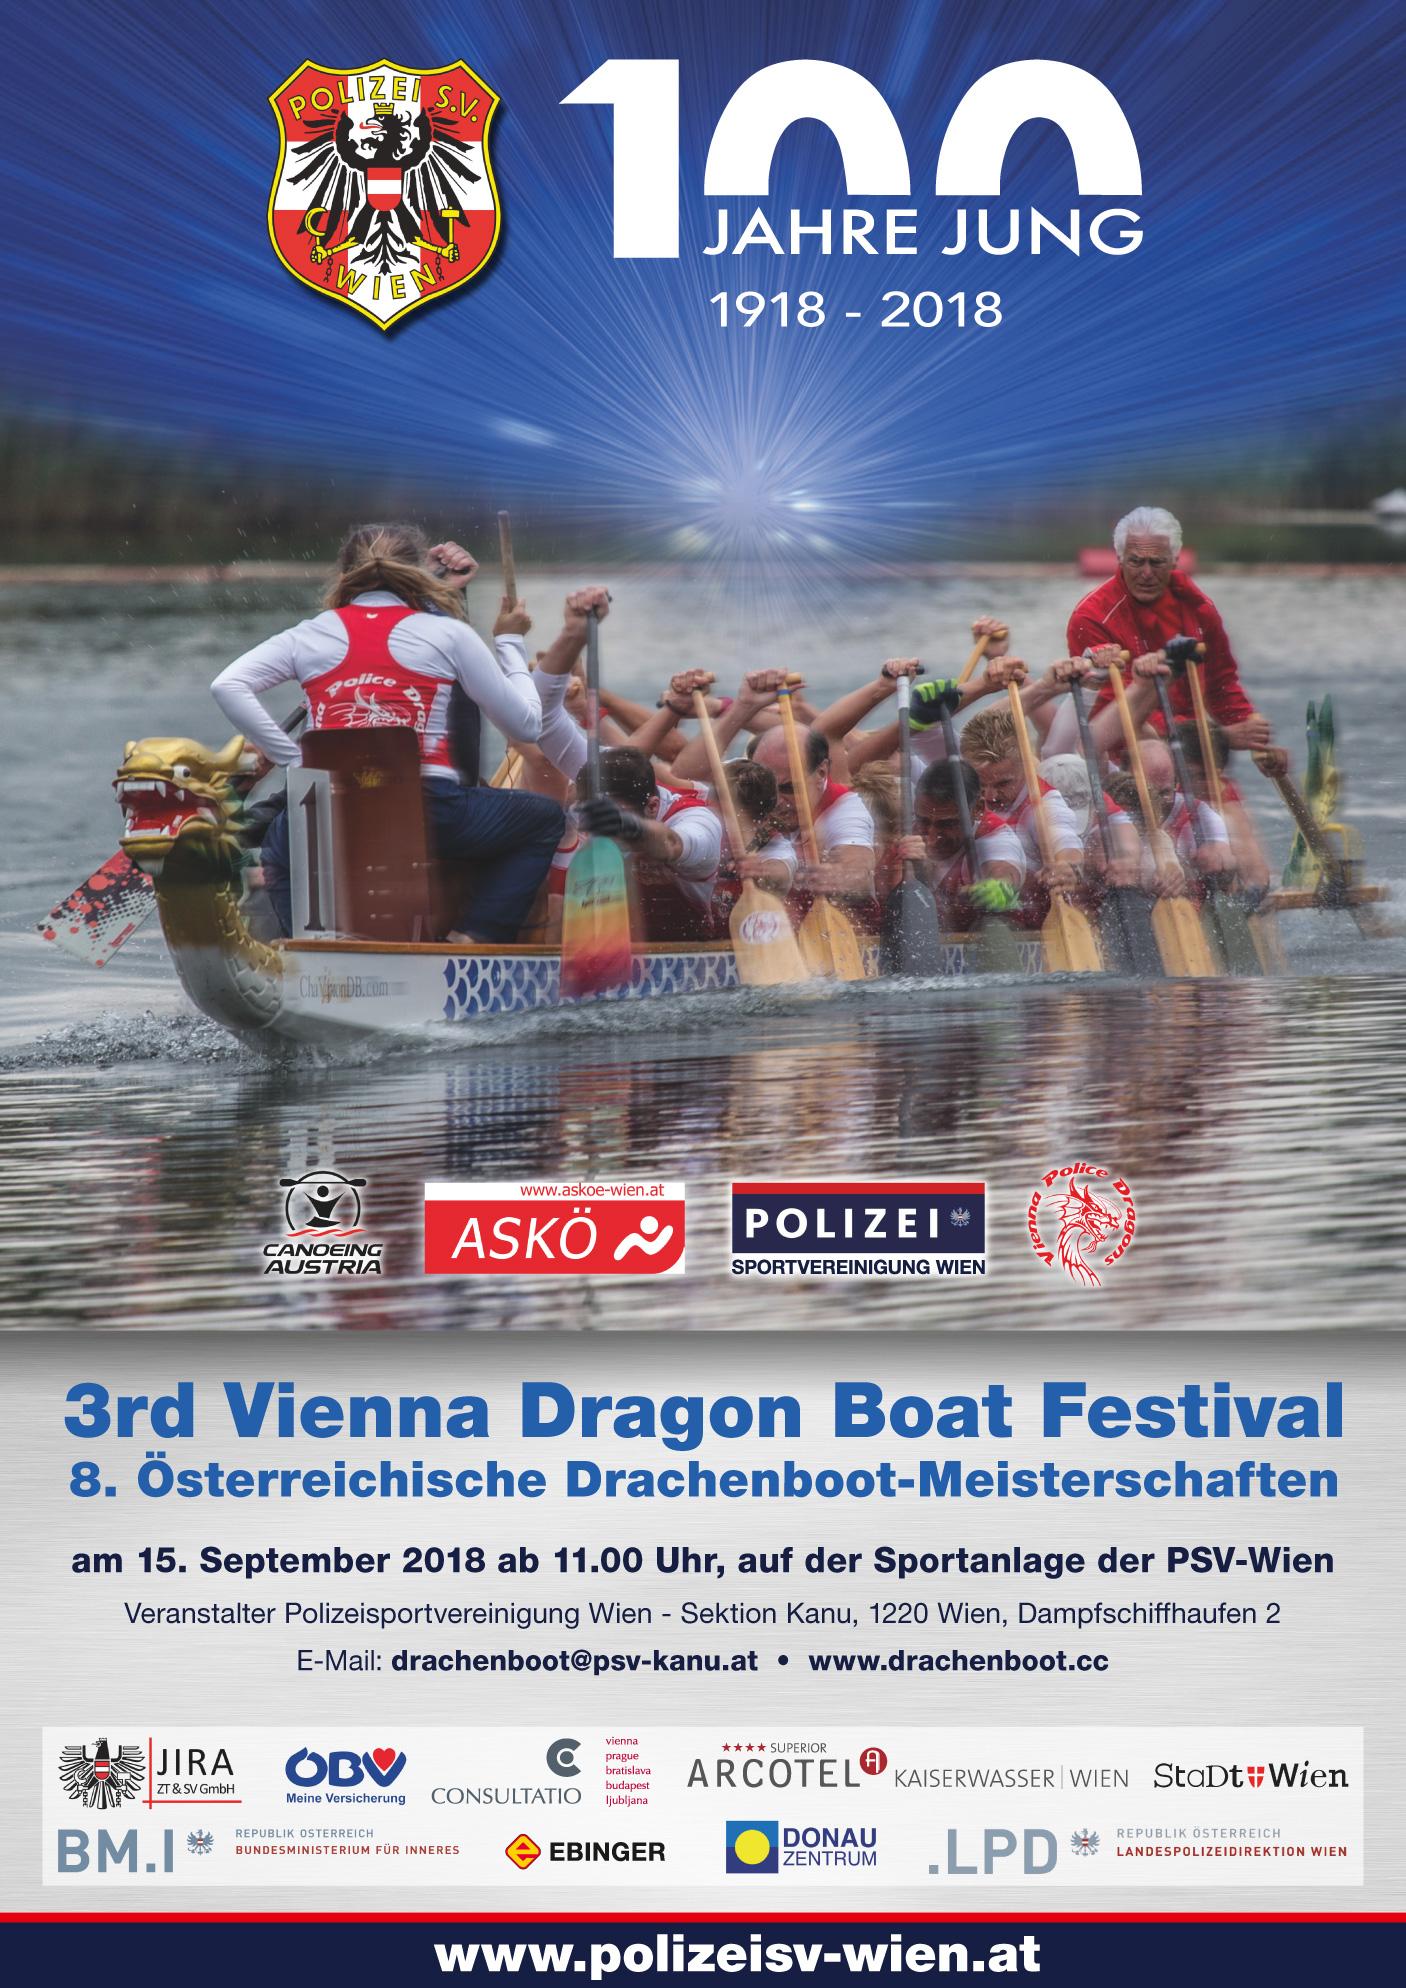 Vienna Dragon Boat Festival